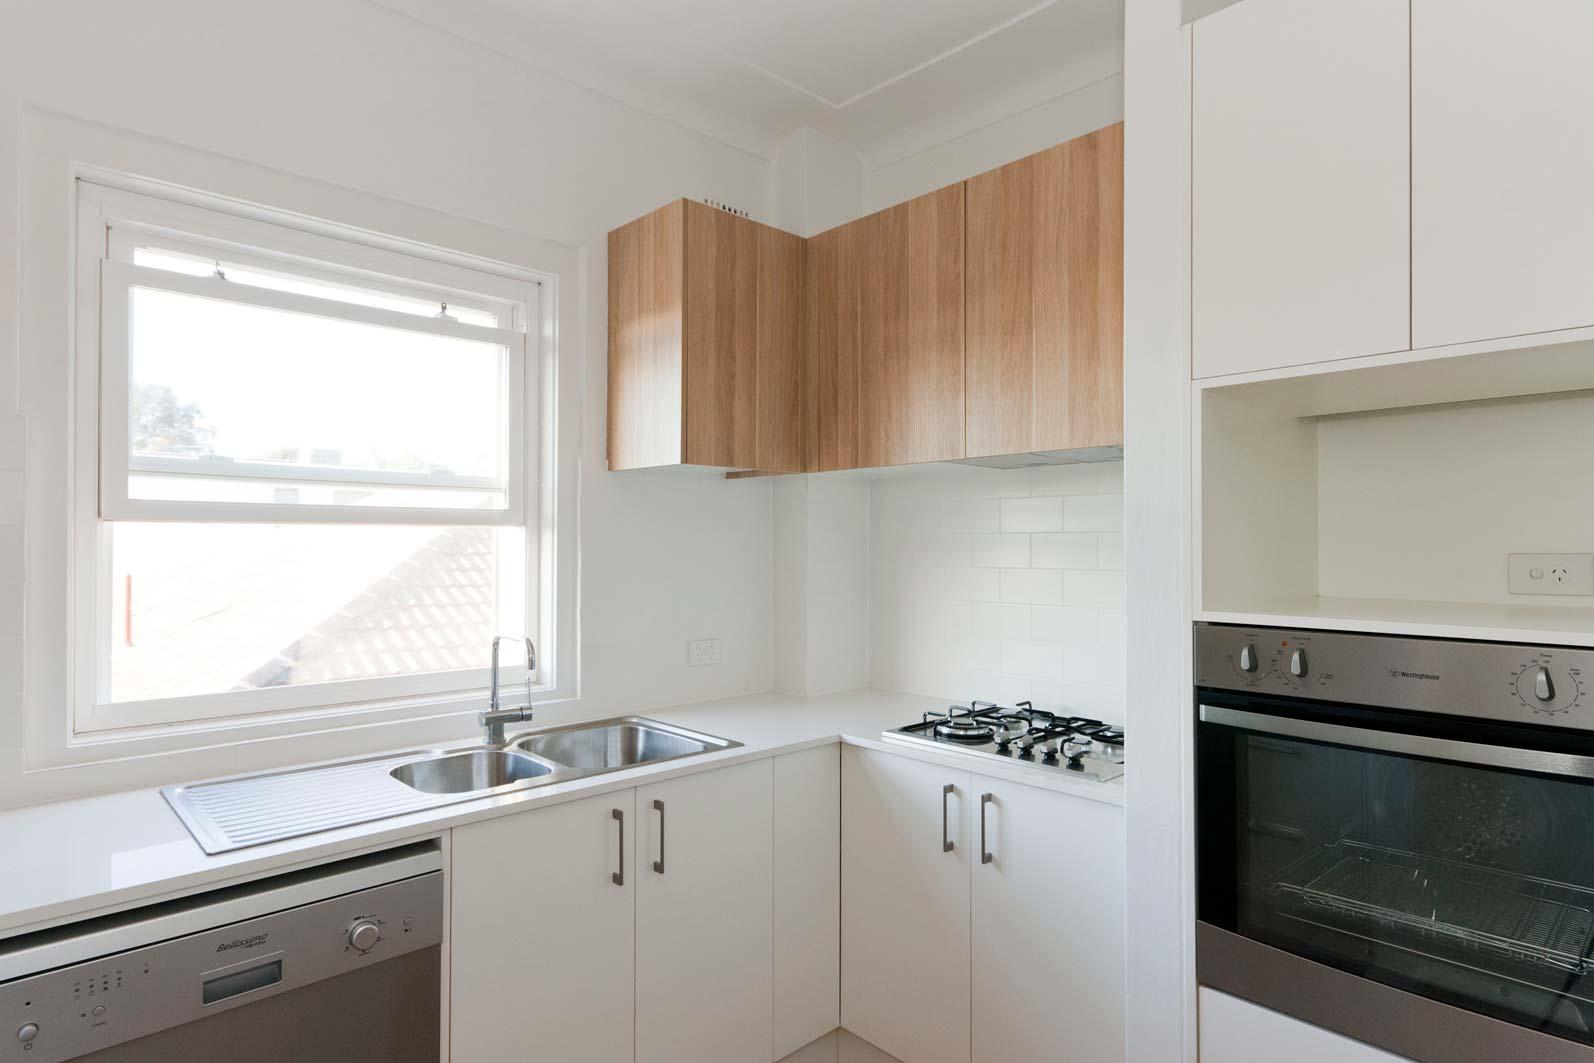 Amazing Luna Kitchen Photo Best Kitchen Ideas I